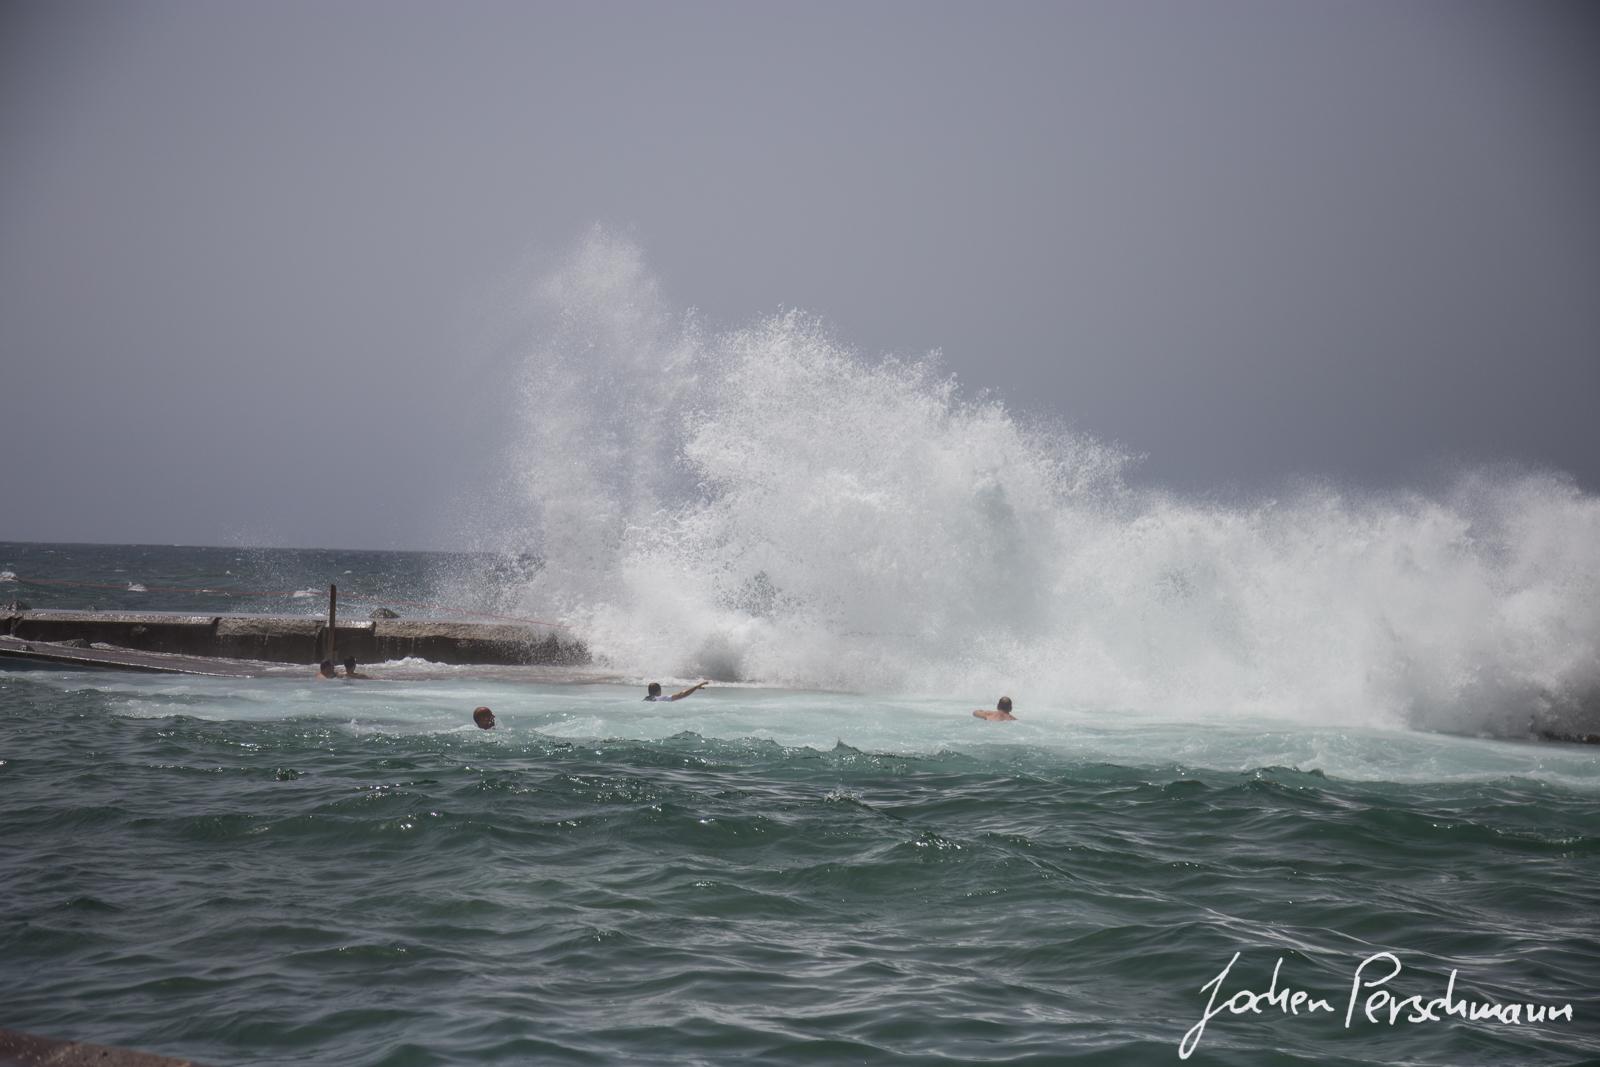 Künstliche Wasserbecken die durch die Wellen mit Meerwasser gefüllt werden (Charcos)